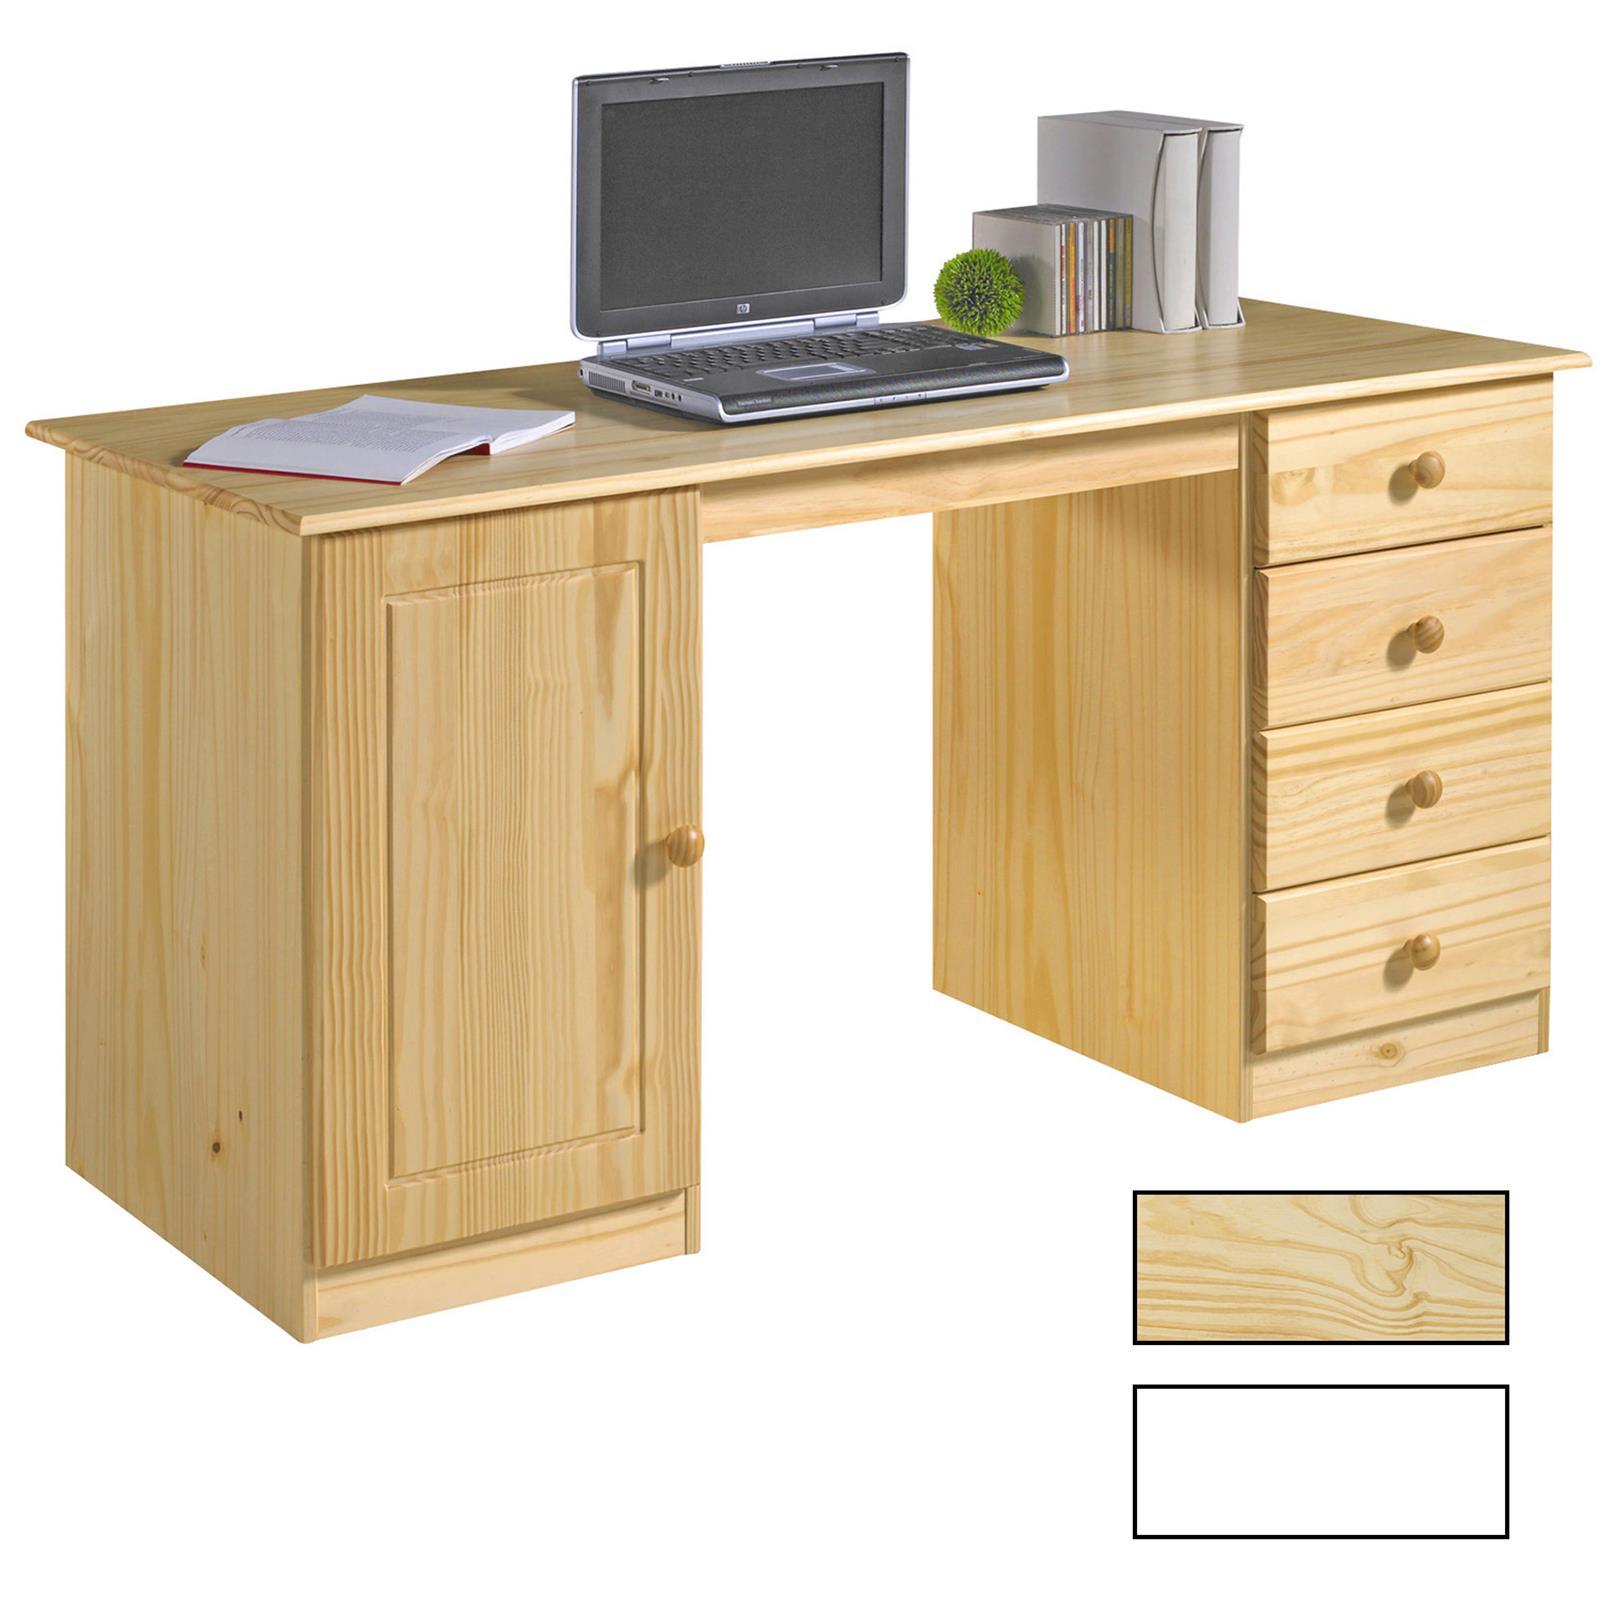 Schreibtisch in zwei farben kiefer massiv caro m bel for Schreibtisch in kiefer